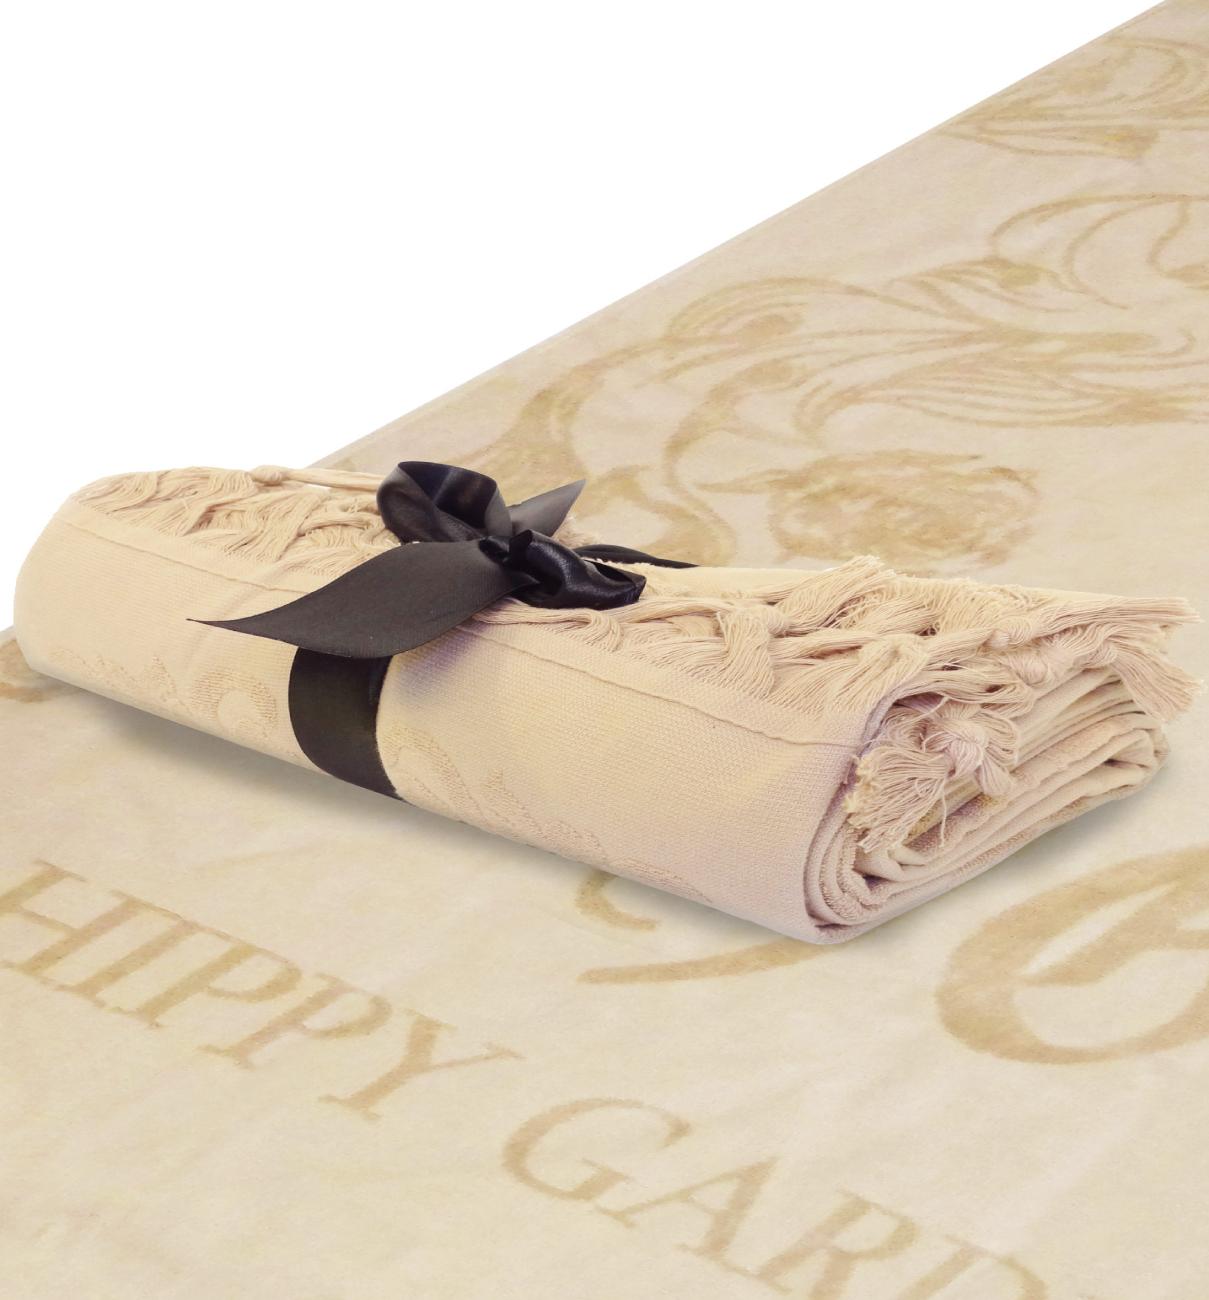 HIPPY GARDEN - TOWEL - BEIGE - 05(1)